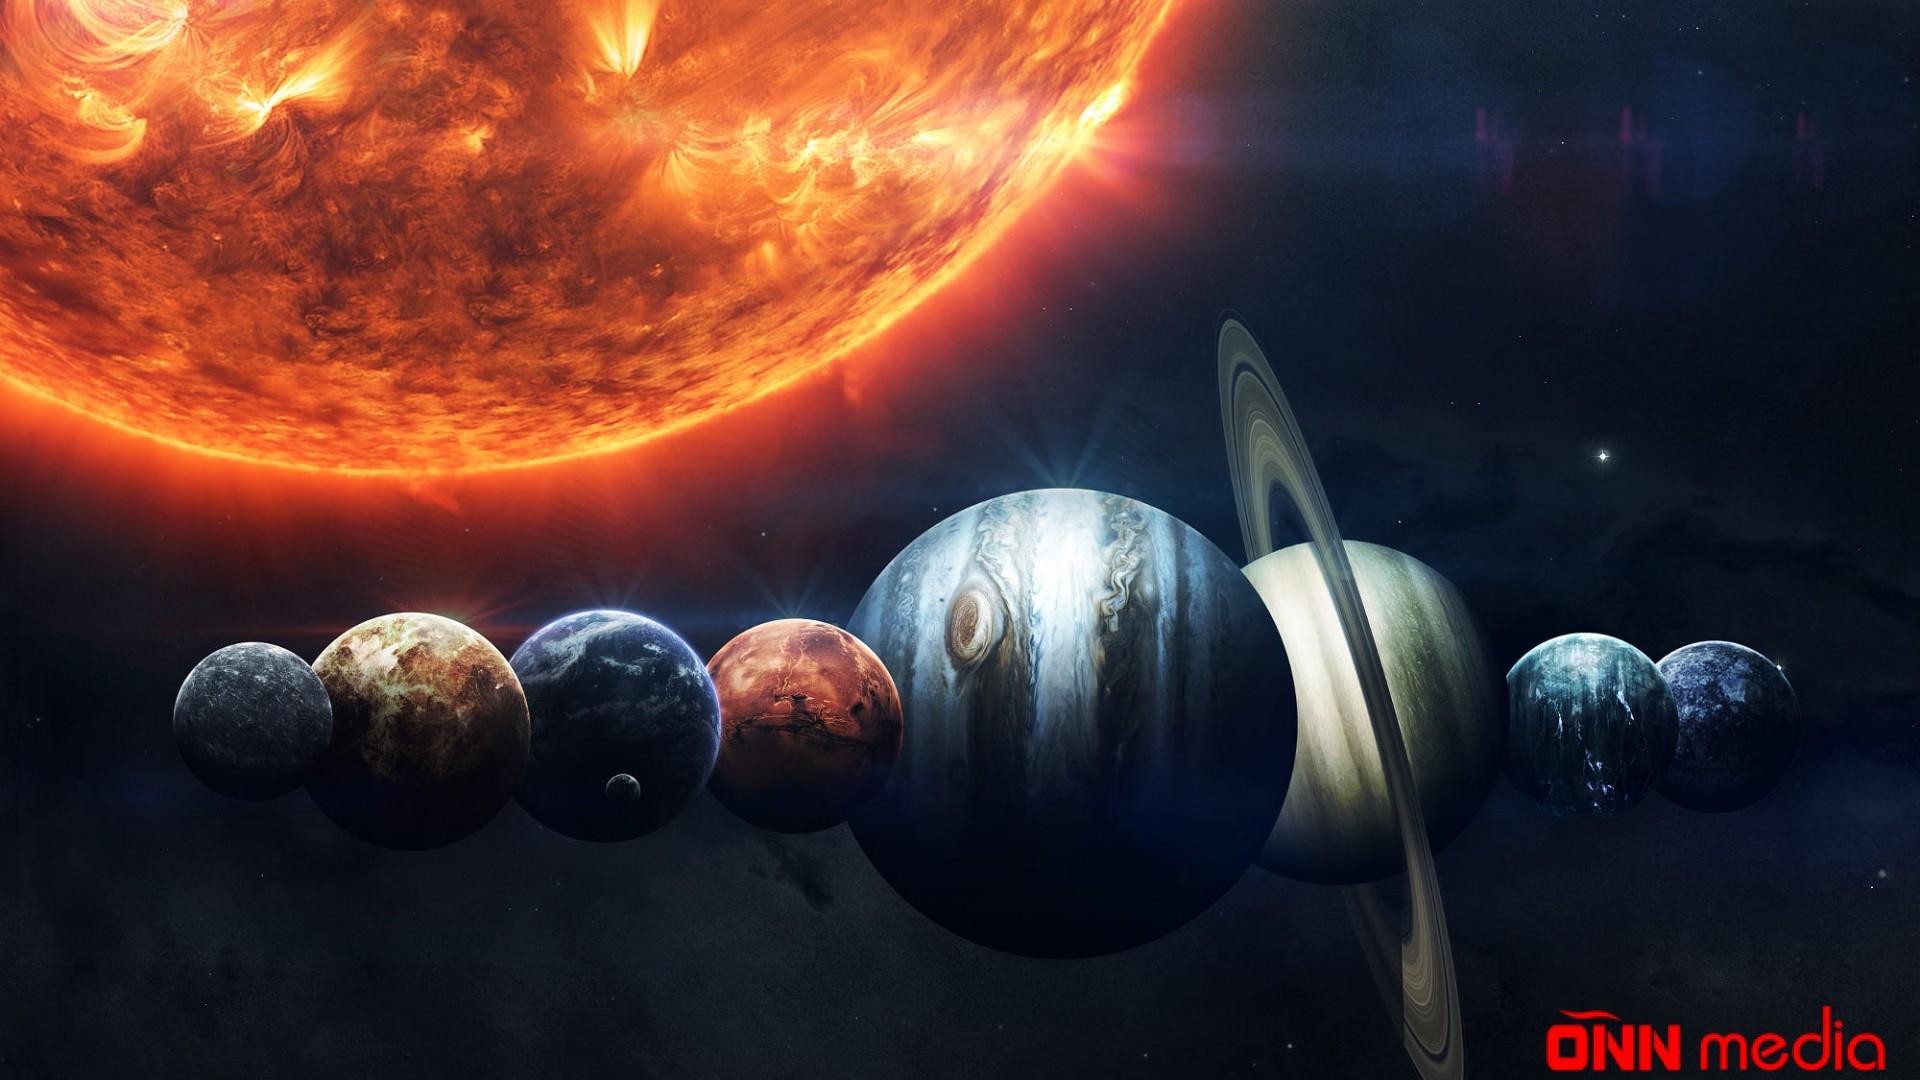 Bu tarixdə nadir hadisə baş verəcək: planetlərin paradı başlayır